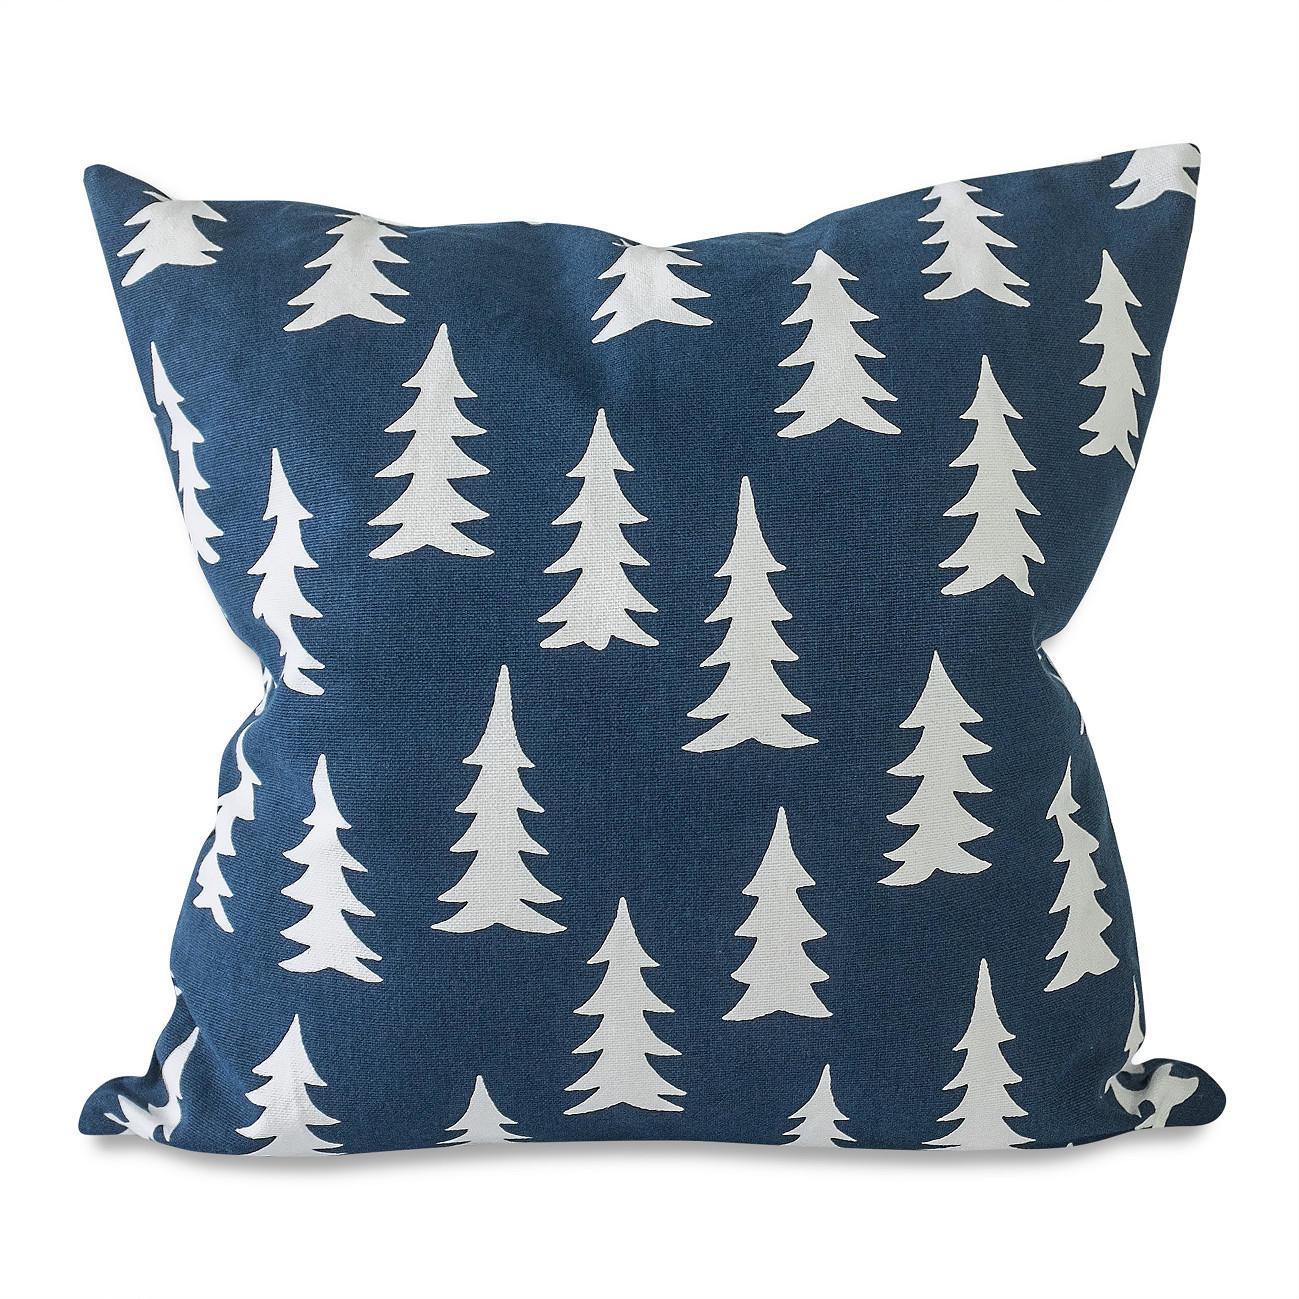 Fine Little Day Povlak na polštář z biobavlny Gran Midnight Blue 48 x 48 cm, modrá barva, textil